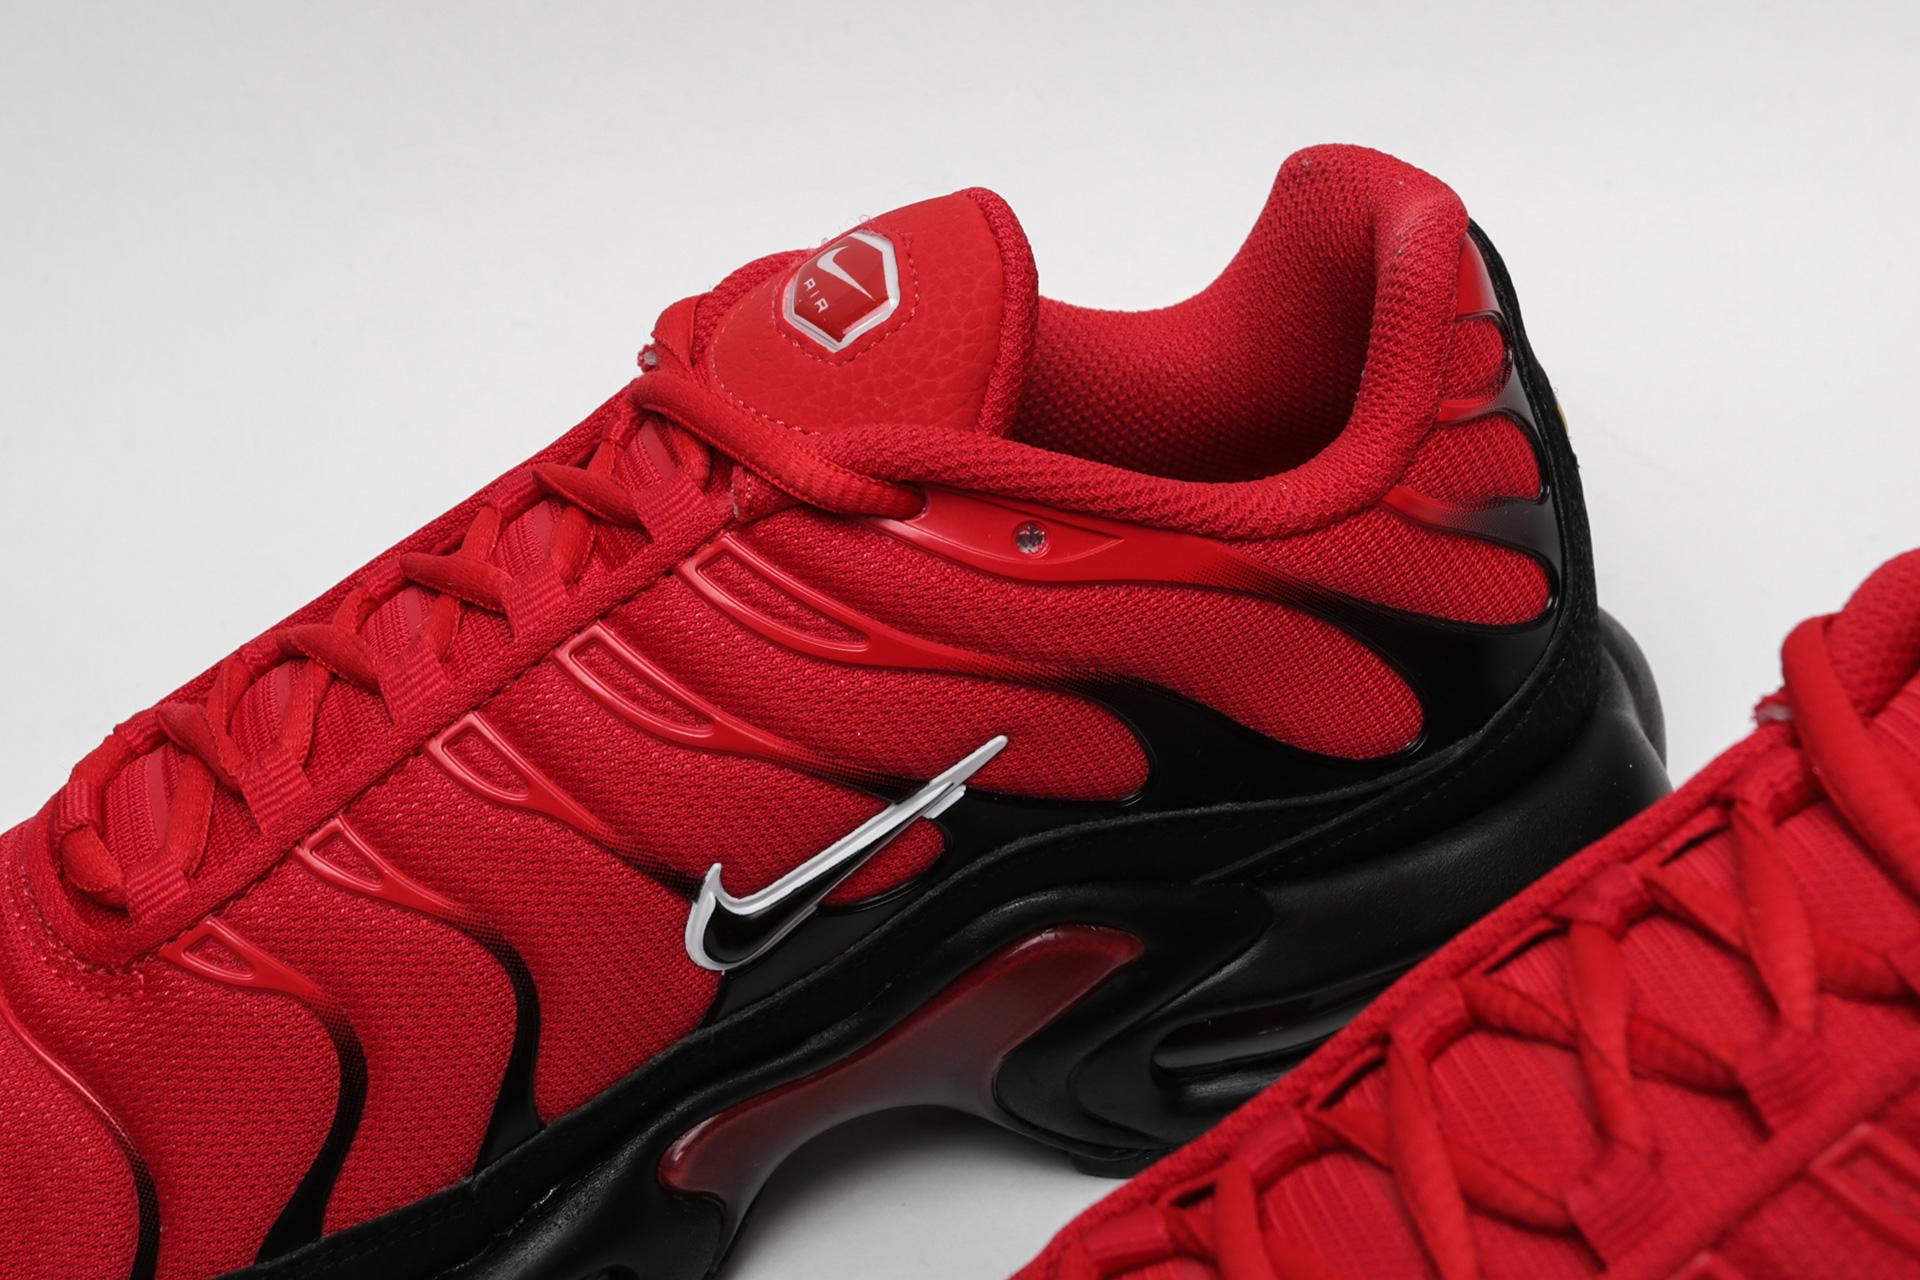 3847e9d8 ... Купить мужские красные кроссовки Nike Air Max Plus - фото 5 картинки ...